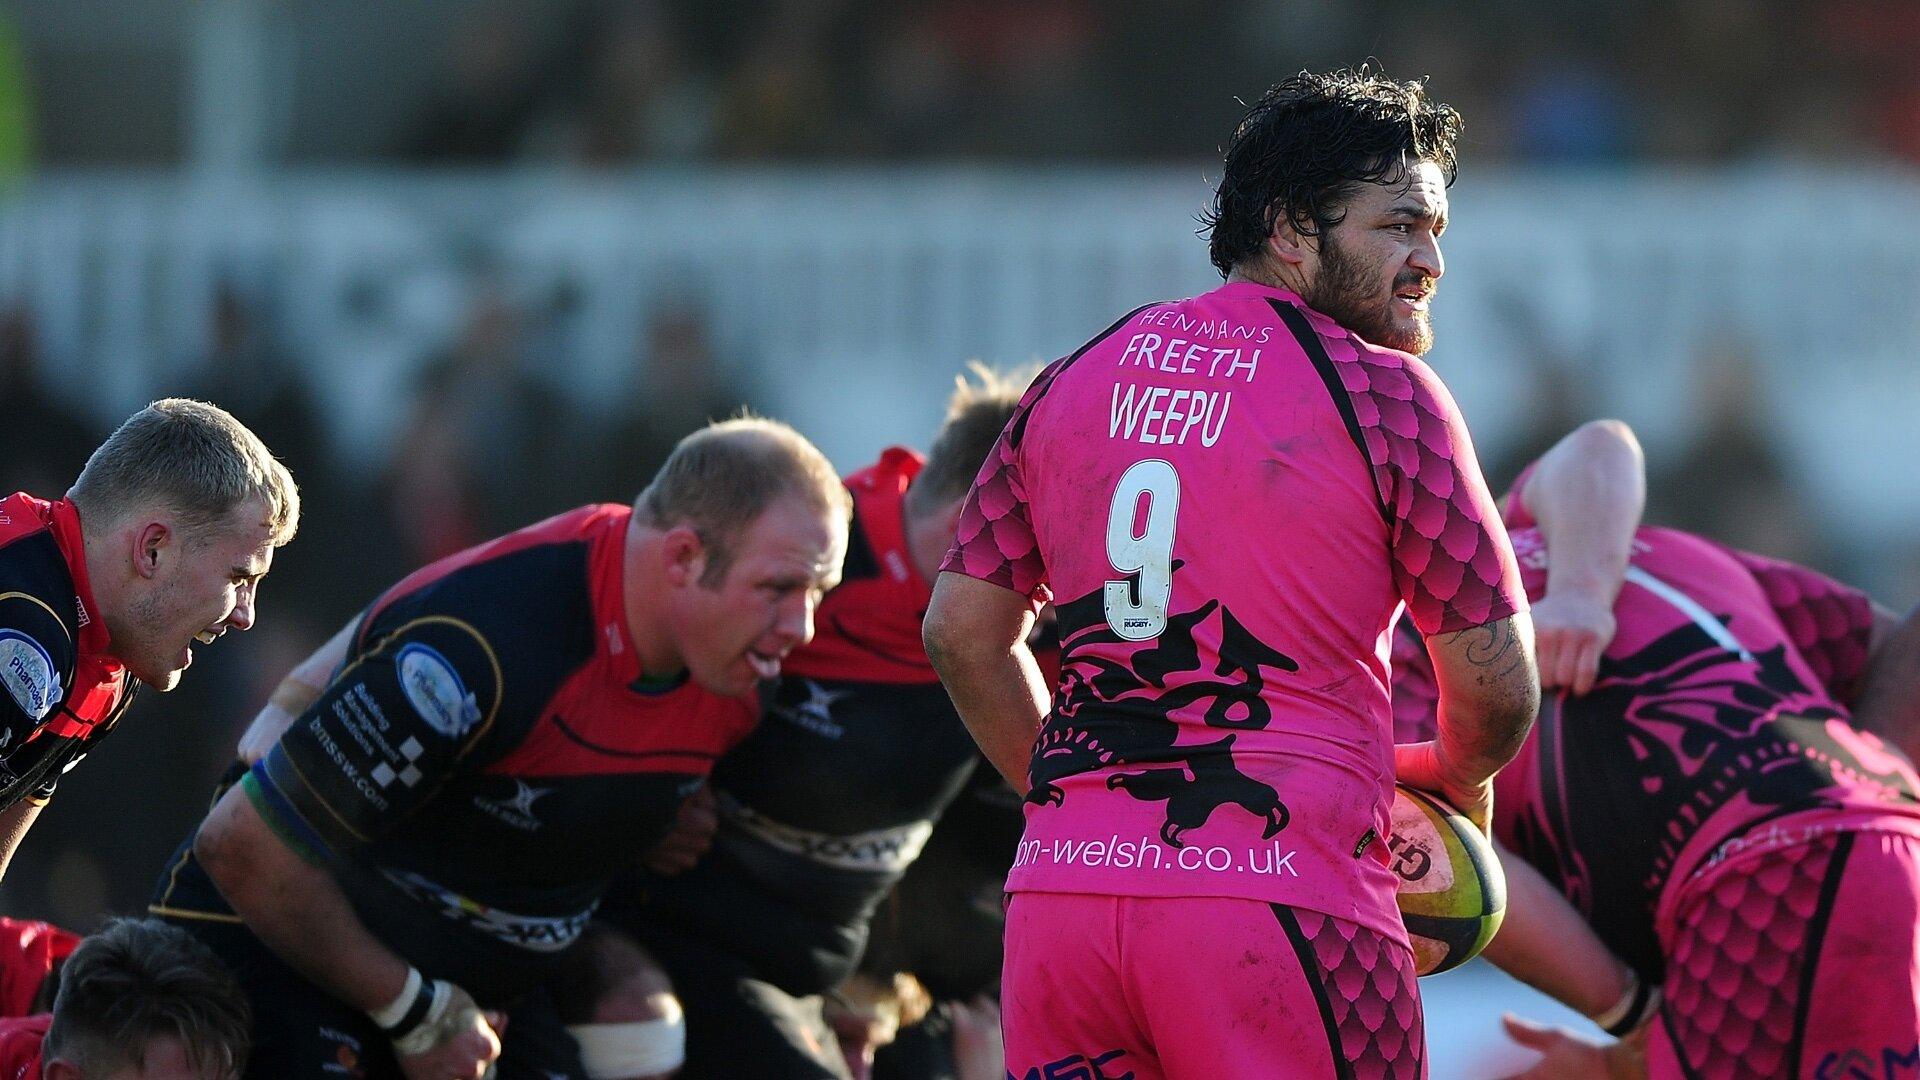 Weepu at Welsh